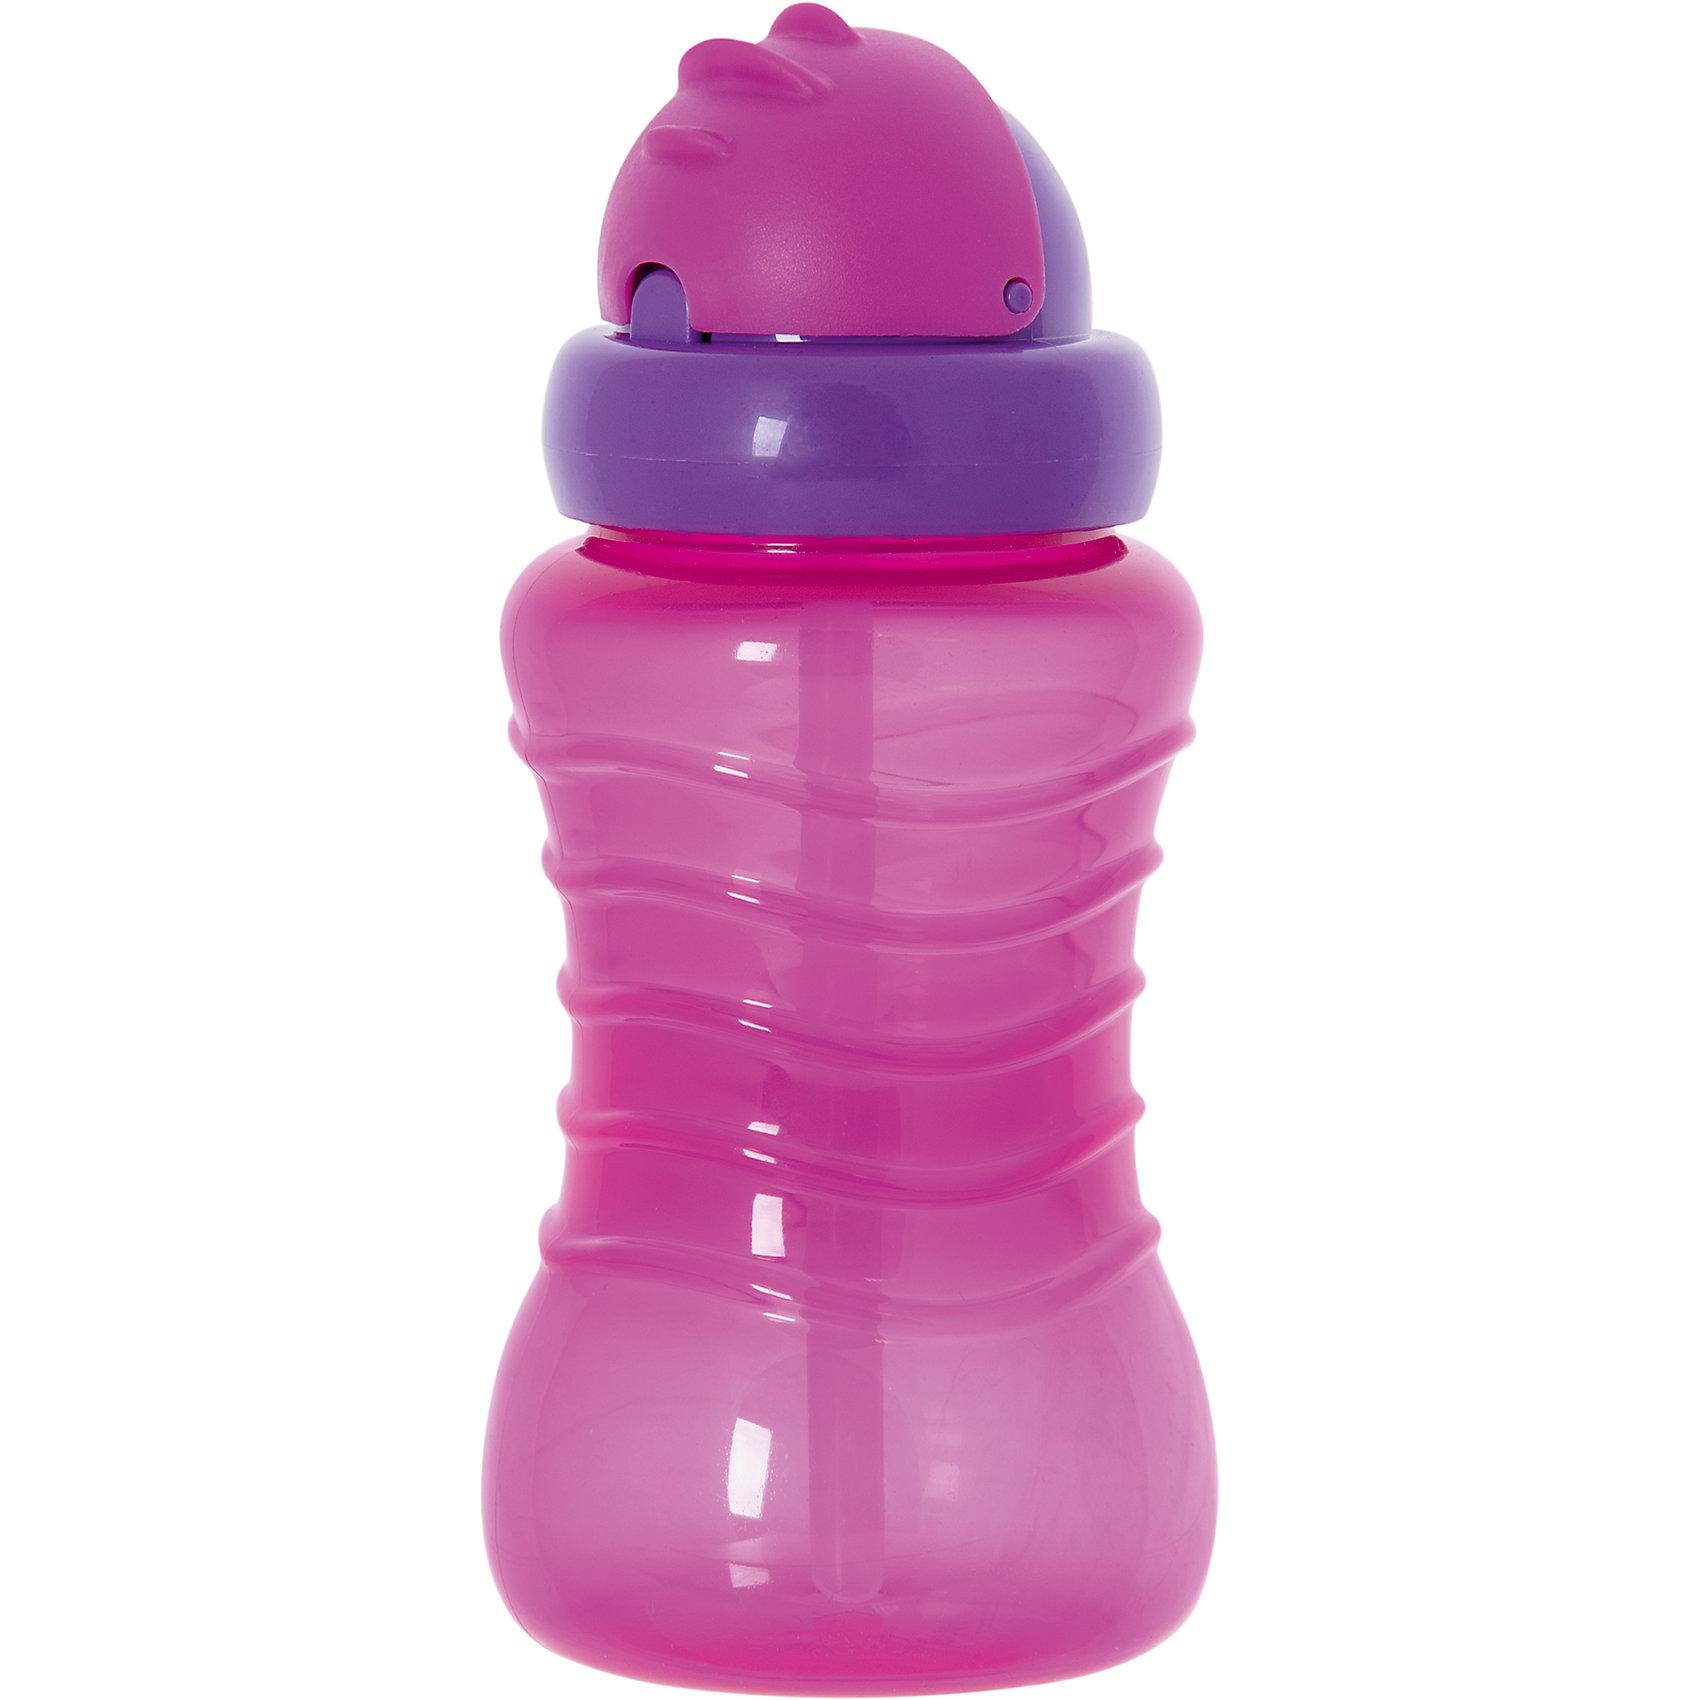 Поильник-непроливайка с соломинкой, 310 мл, Kurnosiki, розовыйПоильники<br>Характеристики:<br><br>• Предназначение: для приучения к кружке, для занятий спортом<br>• Материал: пластик, силикон<br>• Пол: для девочки<br>• Цвет: розовый<br>• Тематика рисунка: без рисунка<br>• Объем: 310 мл<br>• Наличие силиконовой соломинки<br>• Крышка-клапан<br>• Можно использовать как для холодных, так и для горячих напитков<br>• Вес: 120 г<br>• Особенности ухода: разрешается мыть в посудомоечной машине<br><br>Поильник-непроливайка с соломинкой, 310 мл, Kurnosiki, фиолетовый изготовлен из безопасного и ударопрочного пластика, устойчивого к появлению царапин и сколов. Изделие выполнено в стильном спортивном дизайне. Внутри бутылки имеется мягкая силиконовая трубочка, которая выдвигается при нажатии на крышку. <br><br>Для защиты от проливания у поильника предусмотрена герметичная крышка. Поильник-непроливайка с соломинкой, 310 мл, Kurnosiki, фиолетовый станет незаменимым атрибутом не только для приучения малыша к кружке, но и во время занятий спортом!<br><br>Поильник-непроливайку с соломинкой, 310 мл, Kurnosiki, фиолетовый можно купить в нашем интернет-магазине.<br><br>Ширина мм: 70<br>Глубина мм: 80<br>Высота мм: 230<br>Вес г: 87<br>Возраст от месяцев: 6<br>Возраст до месяцев: 36<br>Пол: Женский<br>Возраст: Детский<br>SKU: 5428741